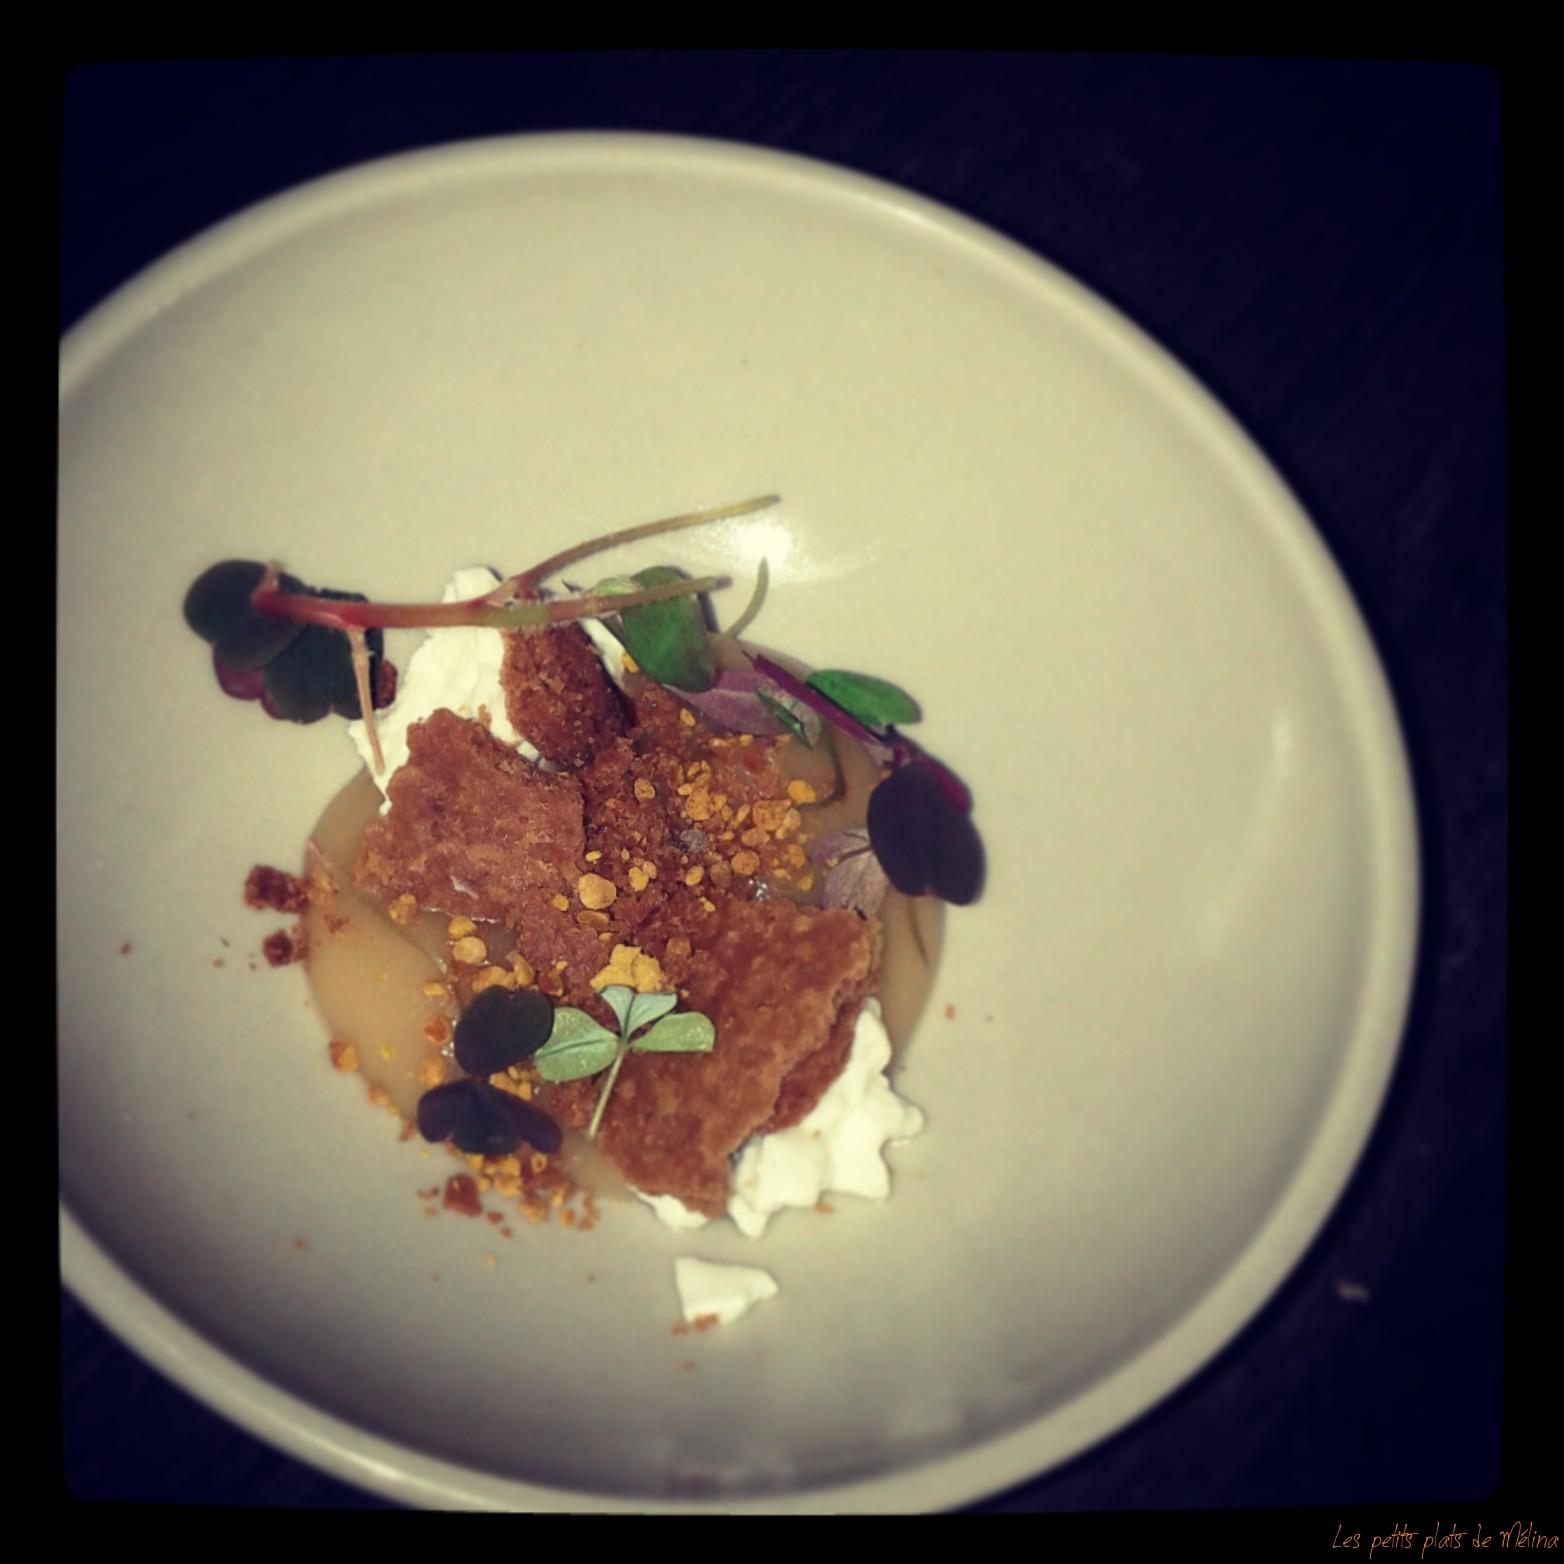 Restaurant Septime dessert Faisselle - Les Petits Plats de Mélina